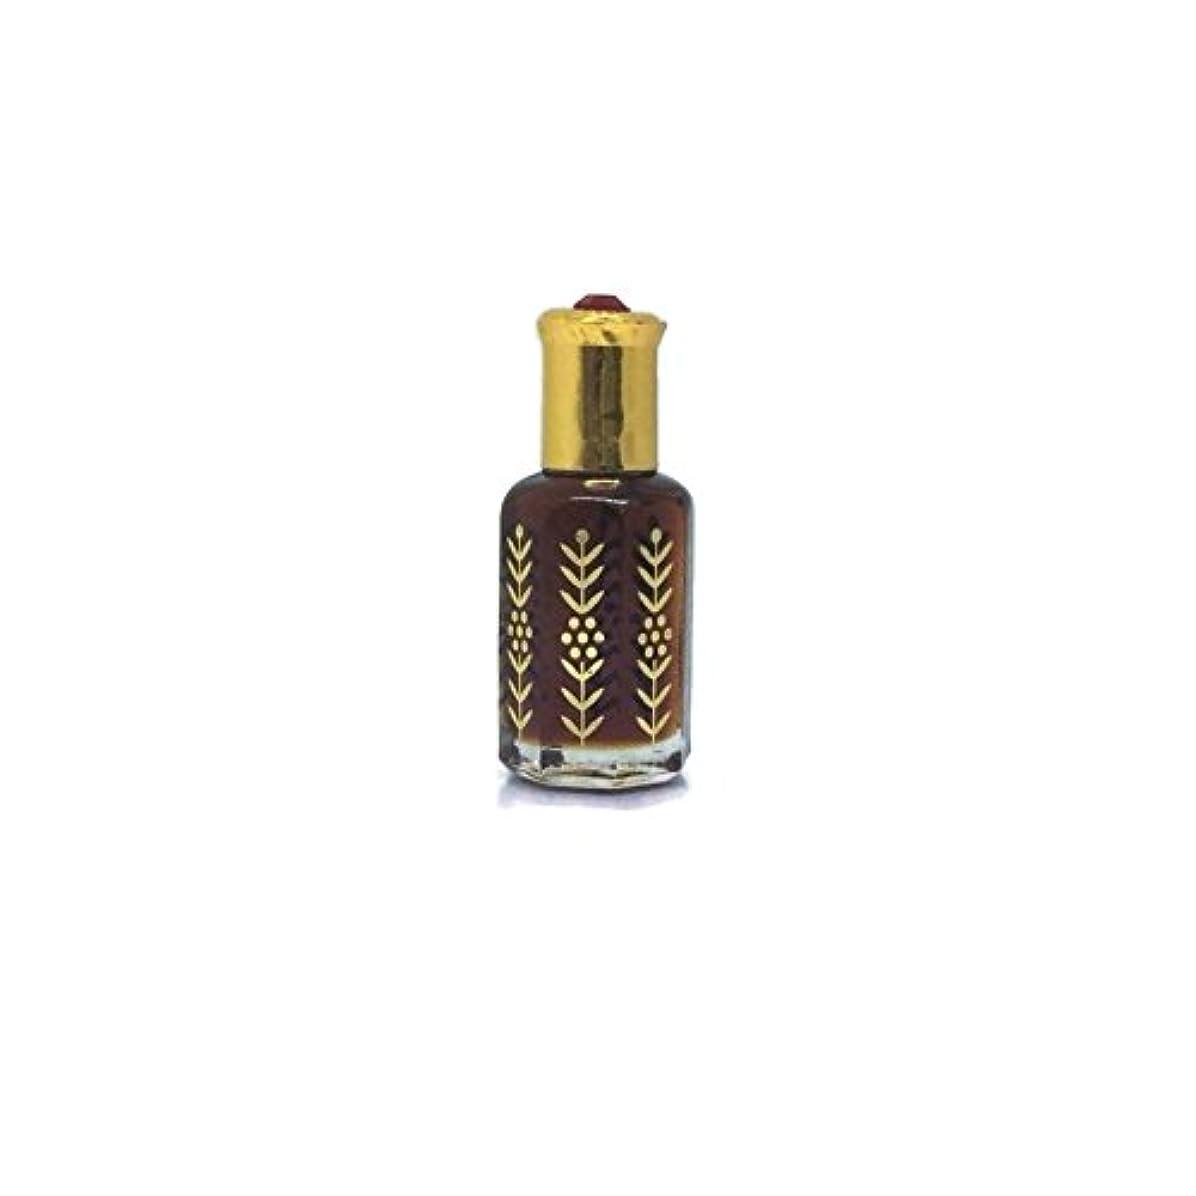 カリング創造カジュアルカンボジアsayufee純正Cambodian/タイAgarwood Pure Oudh Rare Perfume Amira 3 ml ブラウン 6